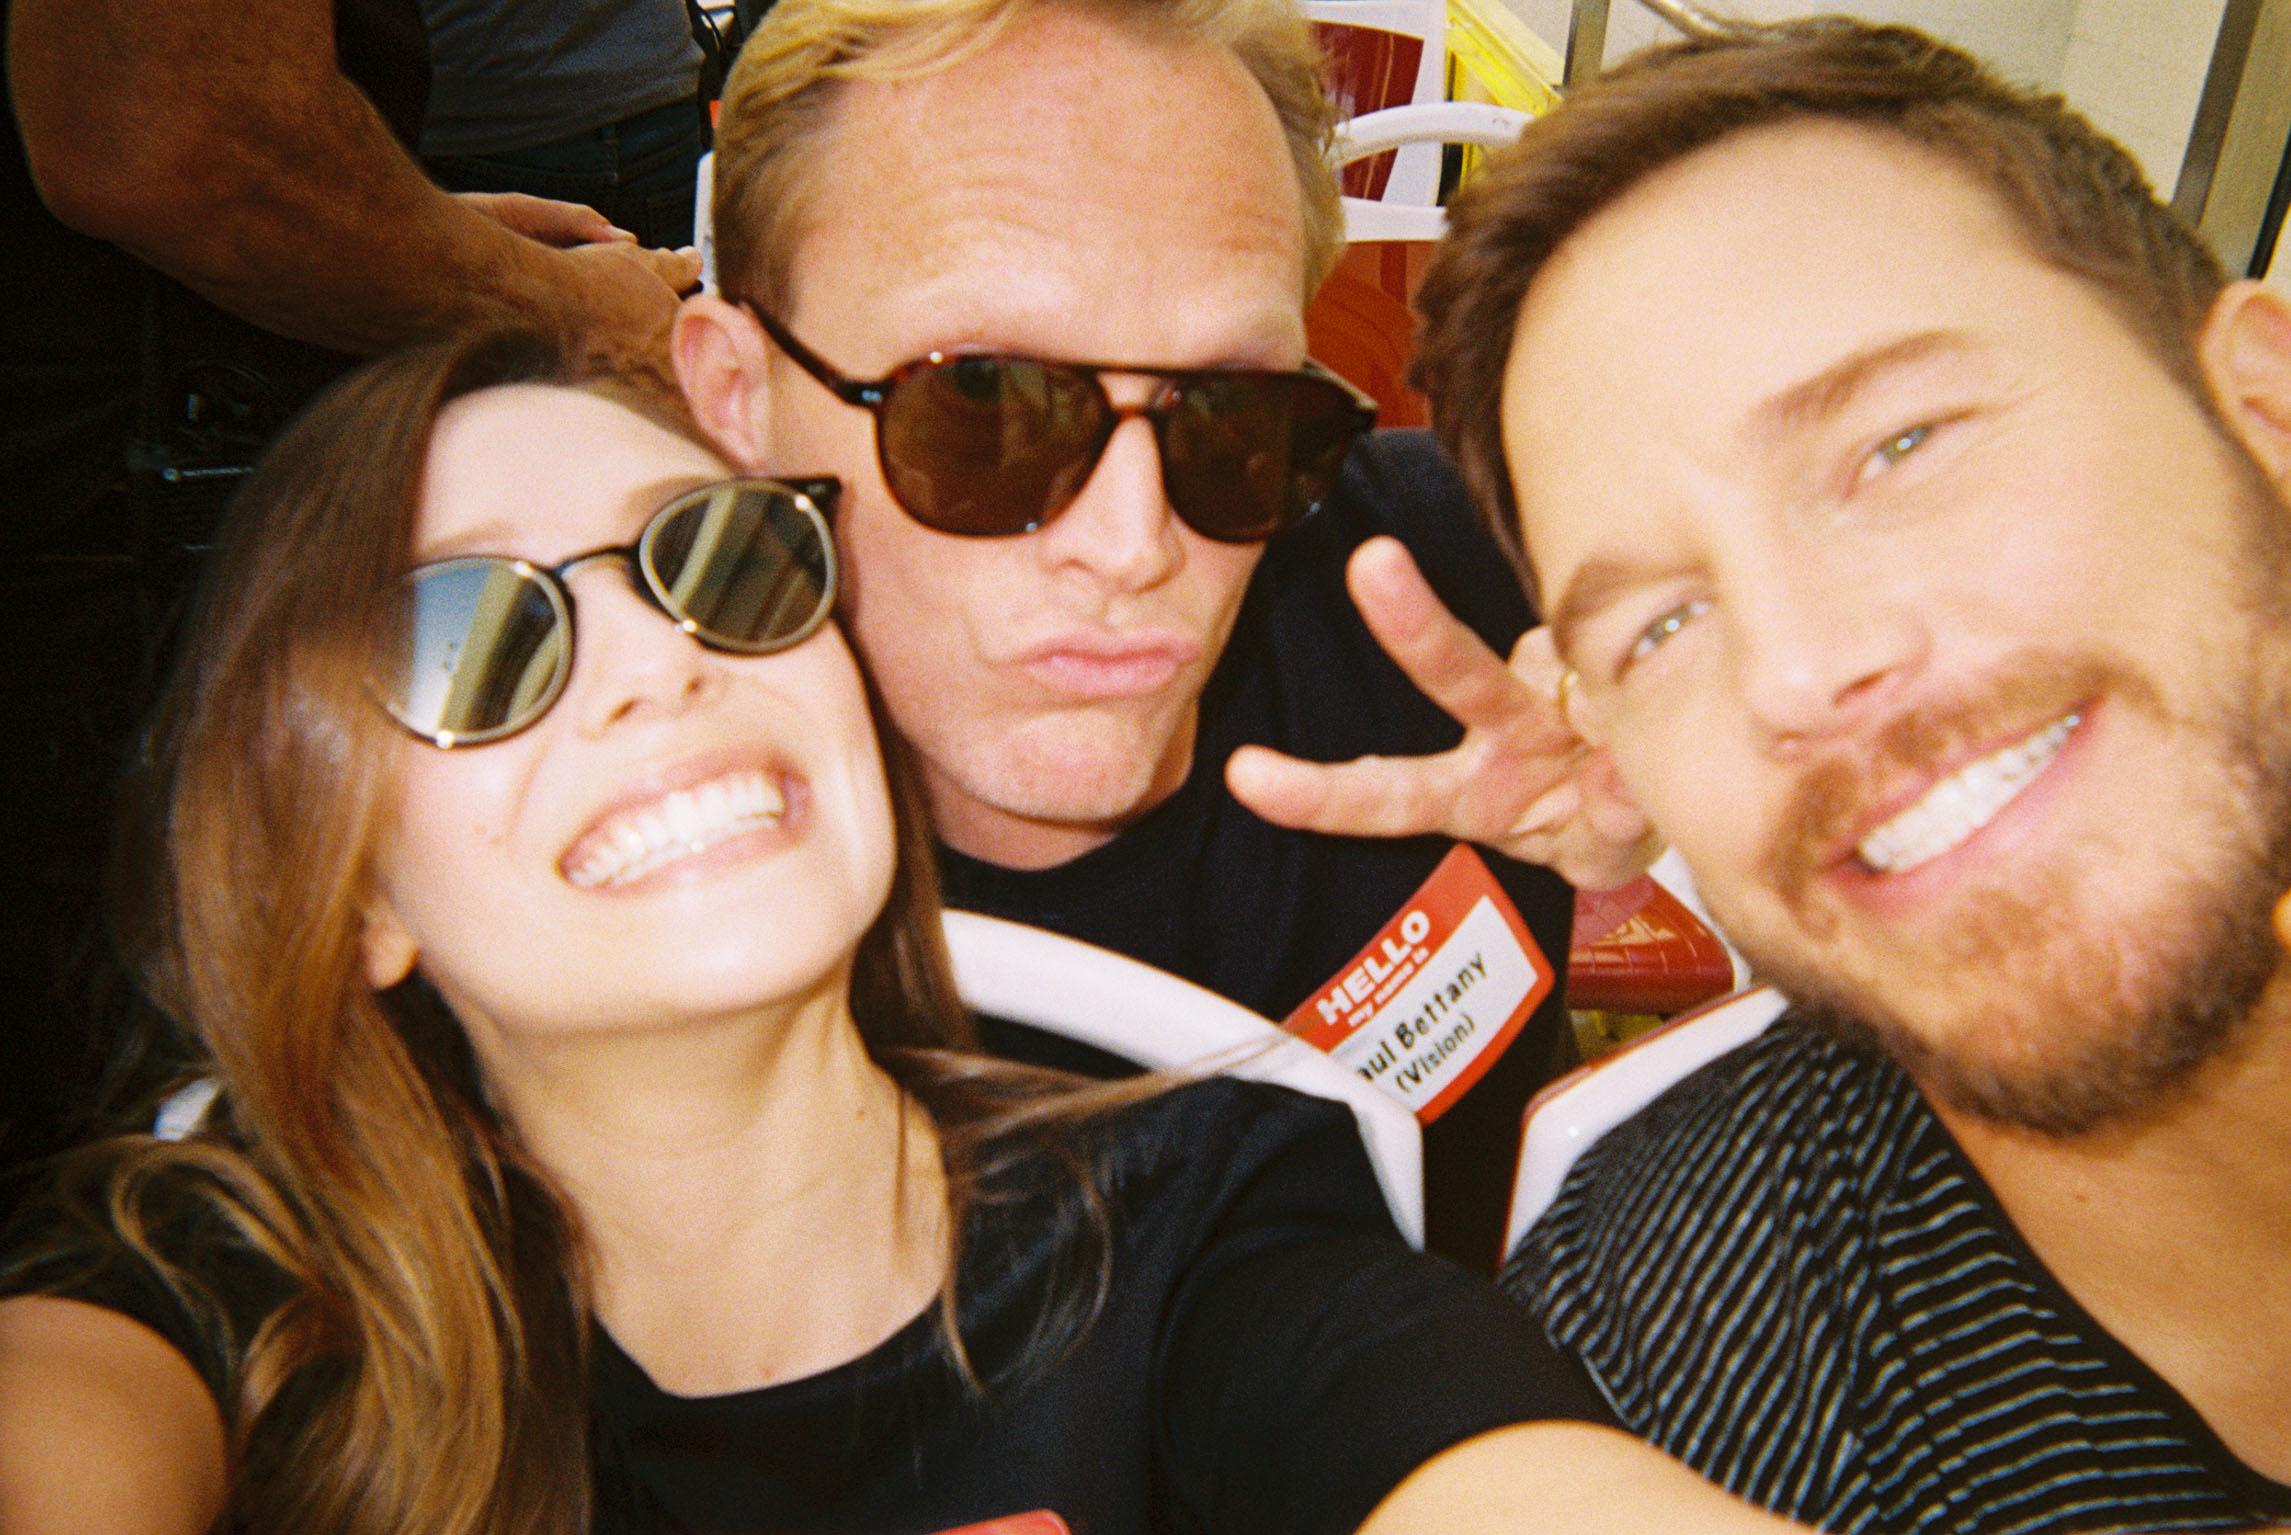 Elizabeth Olsen, Paul Bettany and Chris Pratt